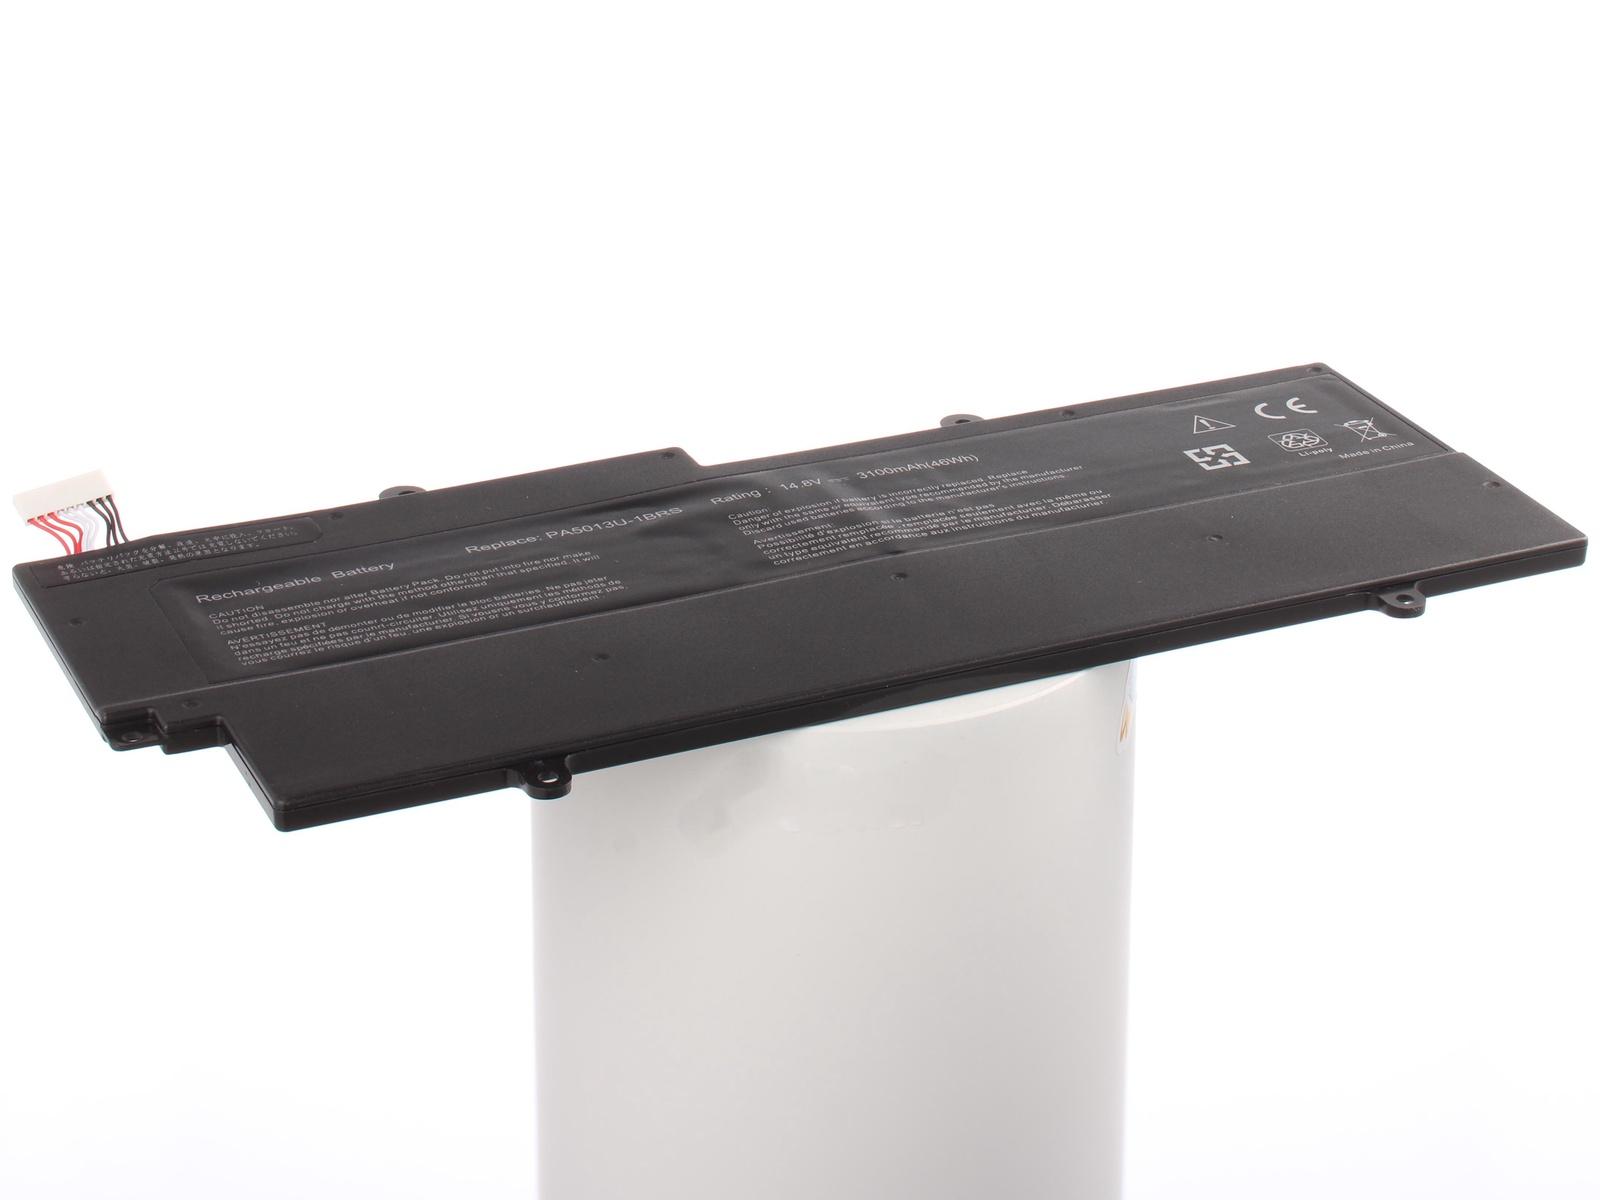 Фото - Аккумулятор для ноутбука iBatt ToshiBa PA5013U-1BRS, CS-TOZ830NB, iB-A887 аккумулятор